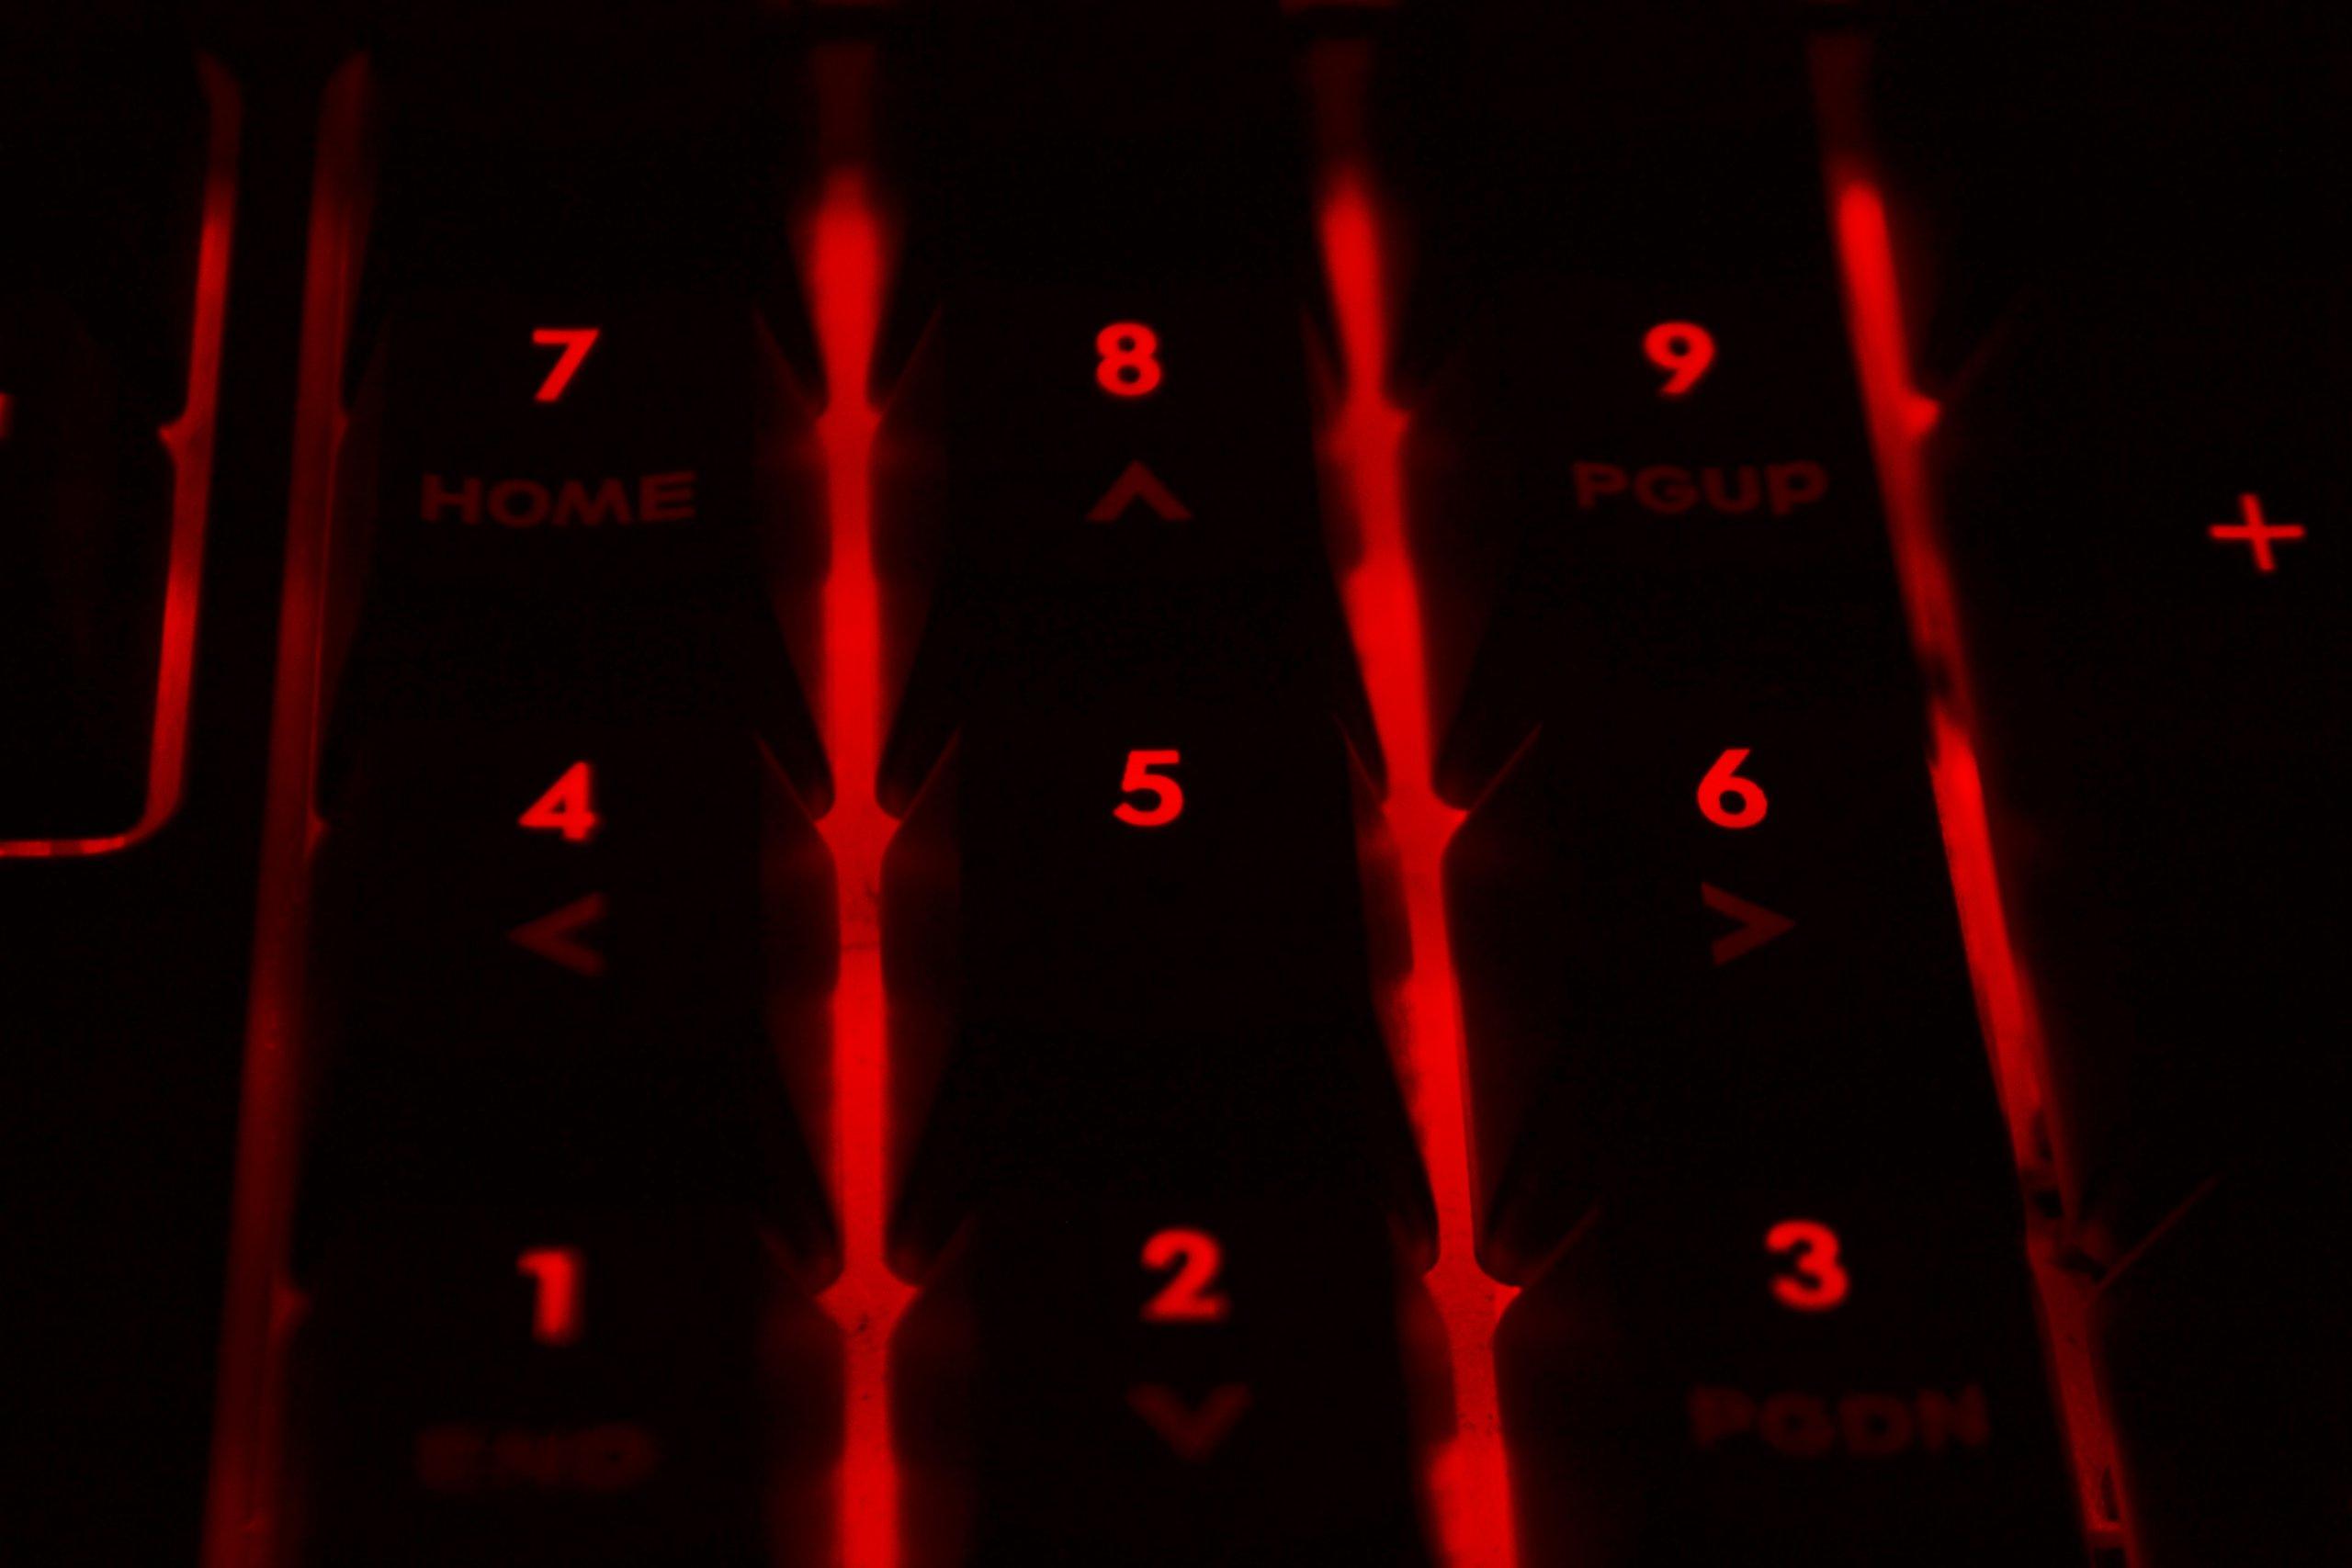 BH-digital_ali-yilmaz-b35lwtXiGgs-unsplash